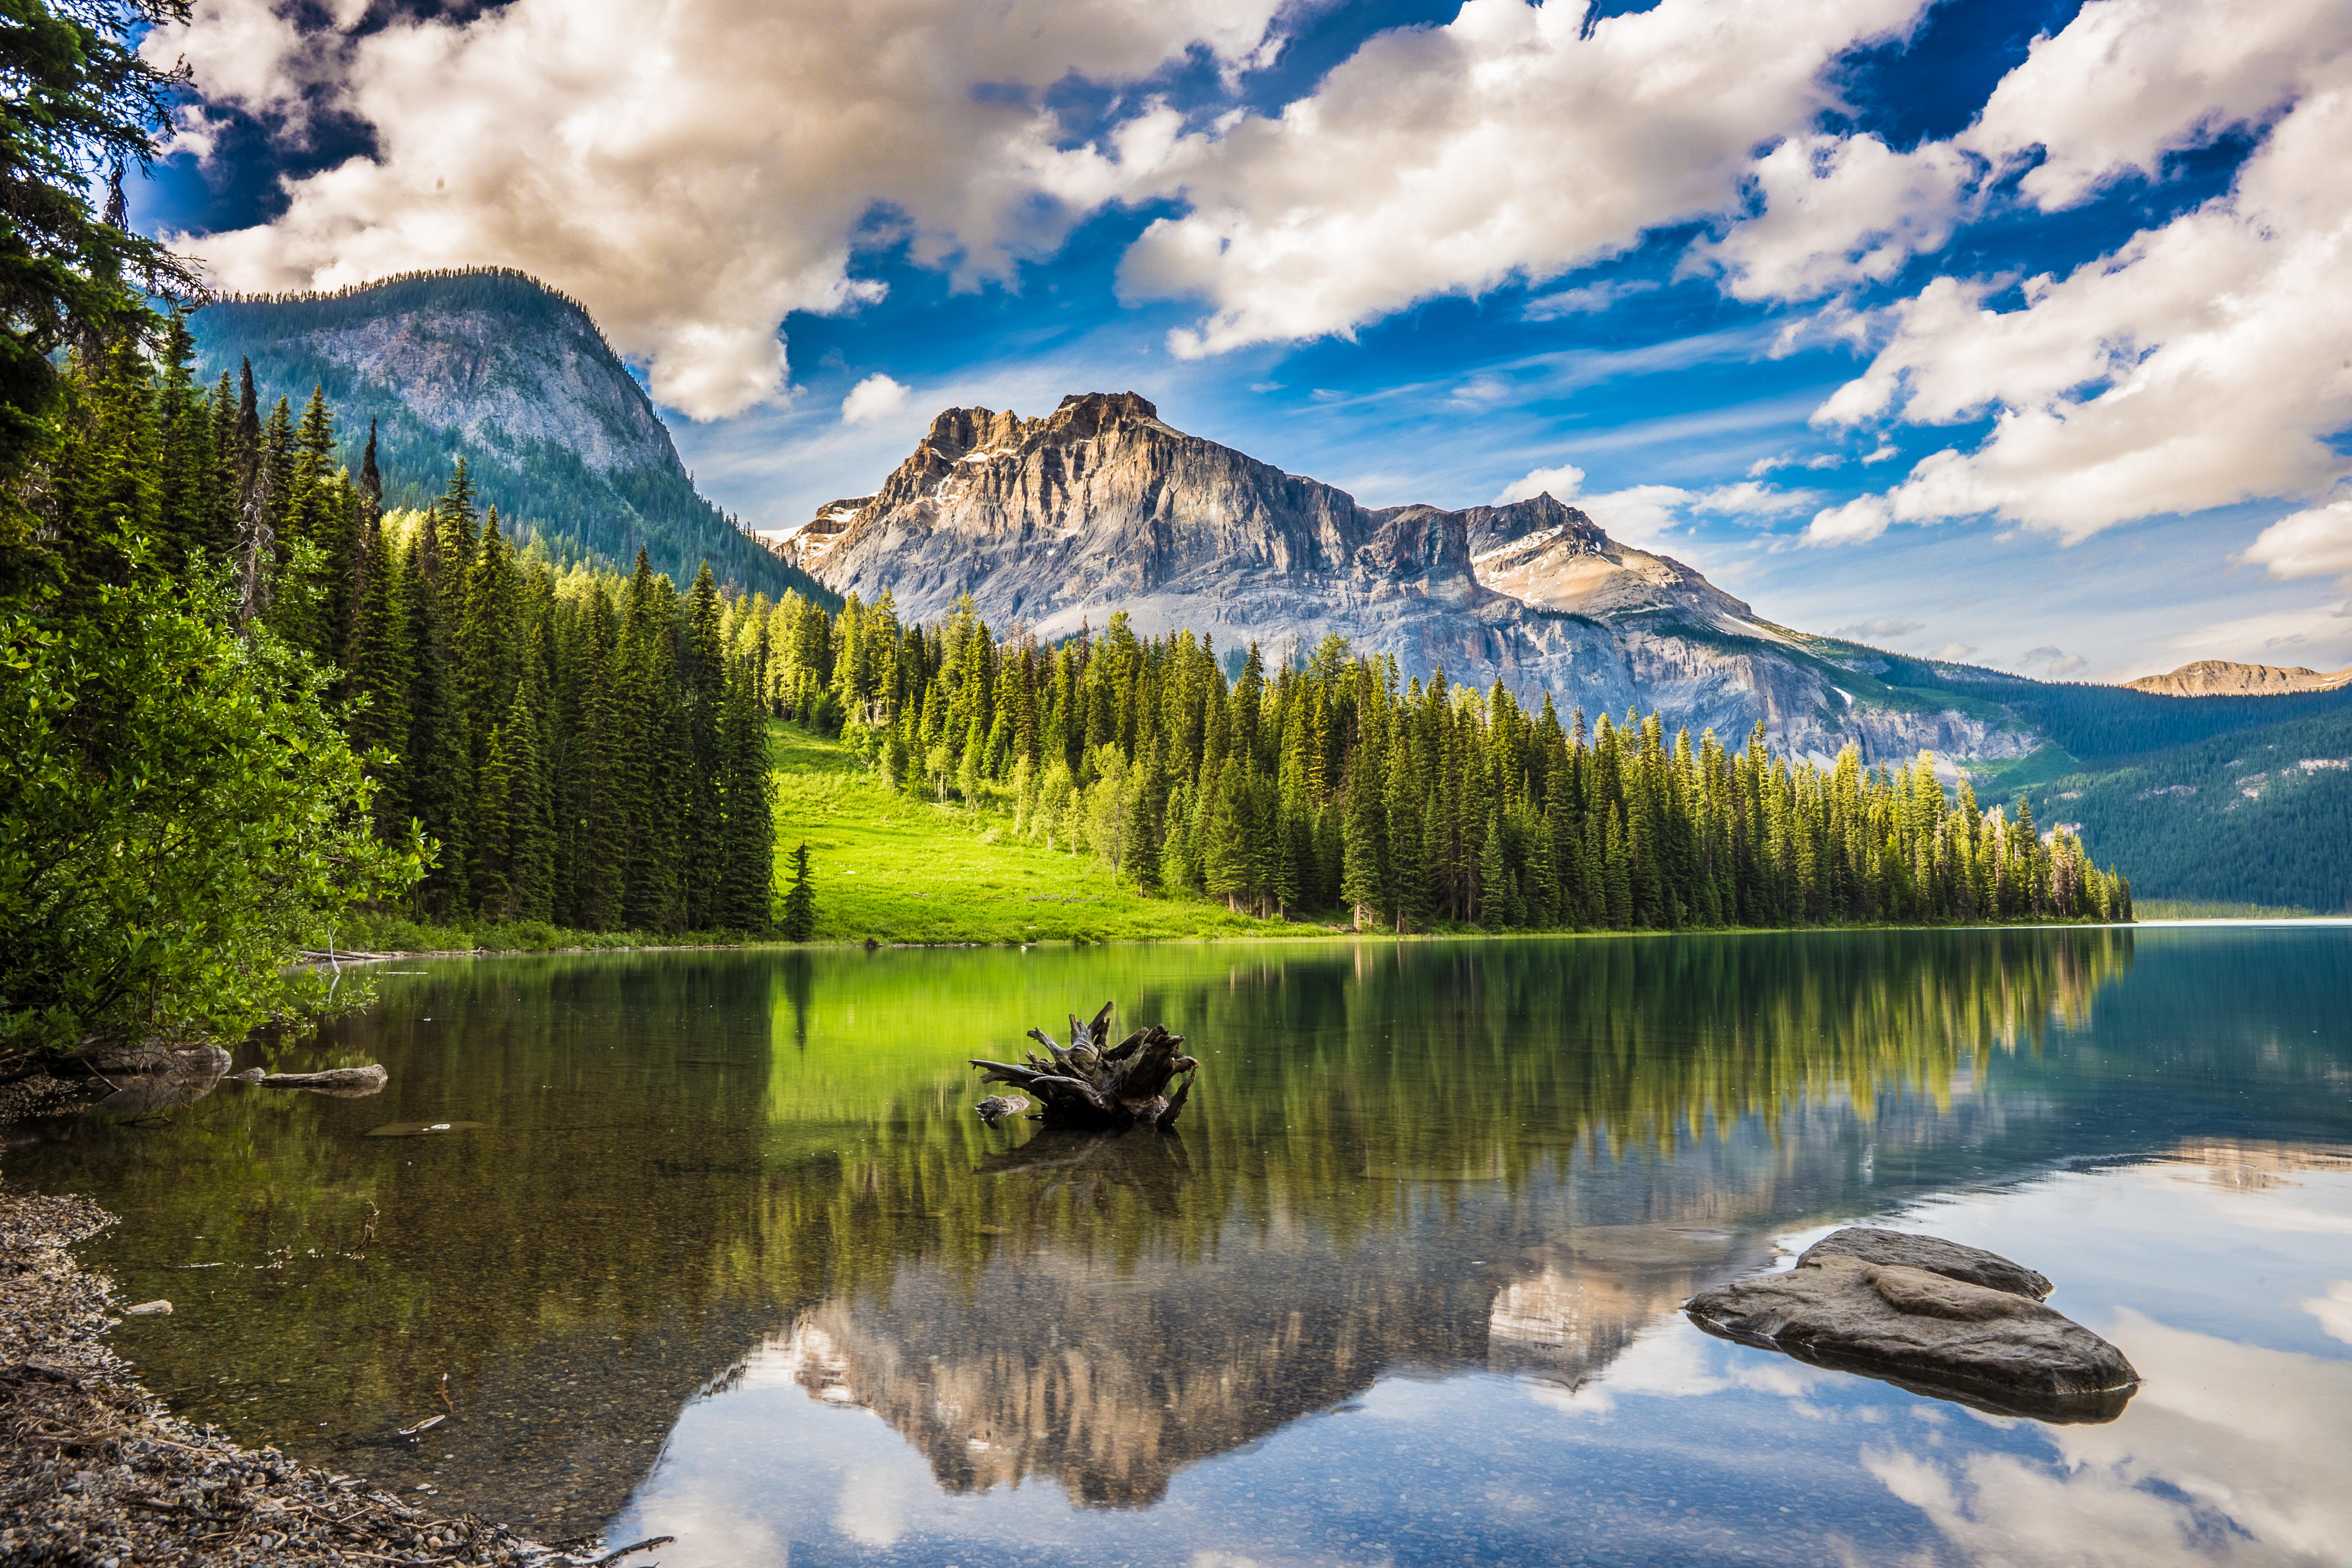 63400 Hintergrundbild 1024x768 kostenlos auf deinem Handy, lade Bilder Natur, Mountains, See, Wald, Haken 1024x768 auf dein Handy herunter